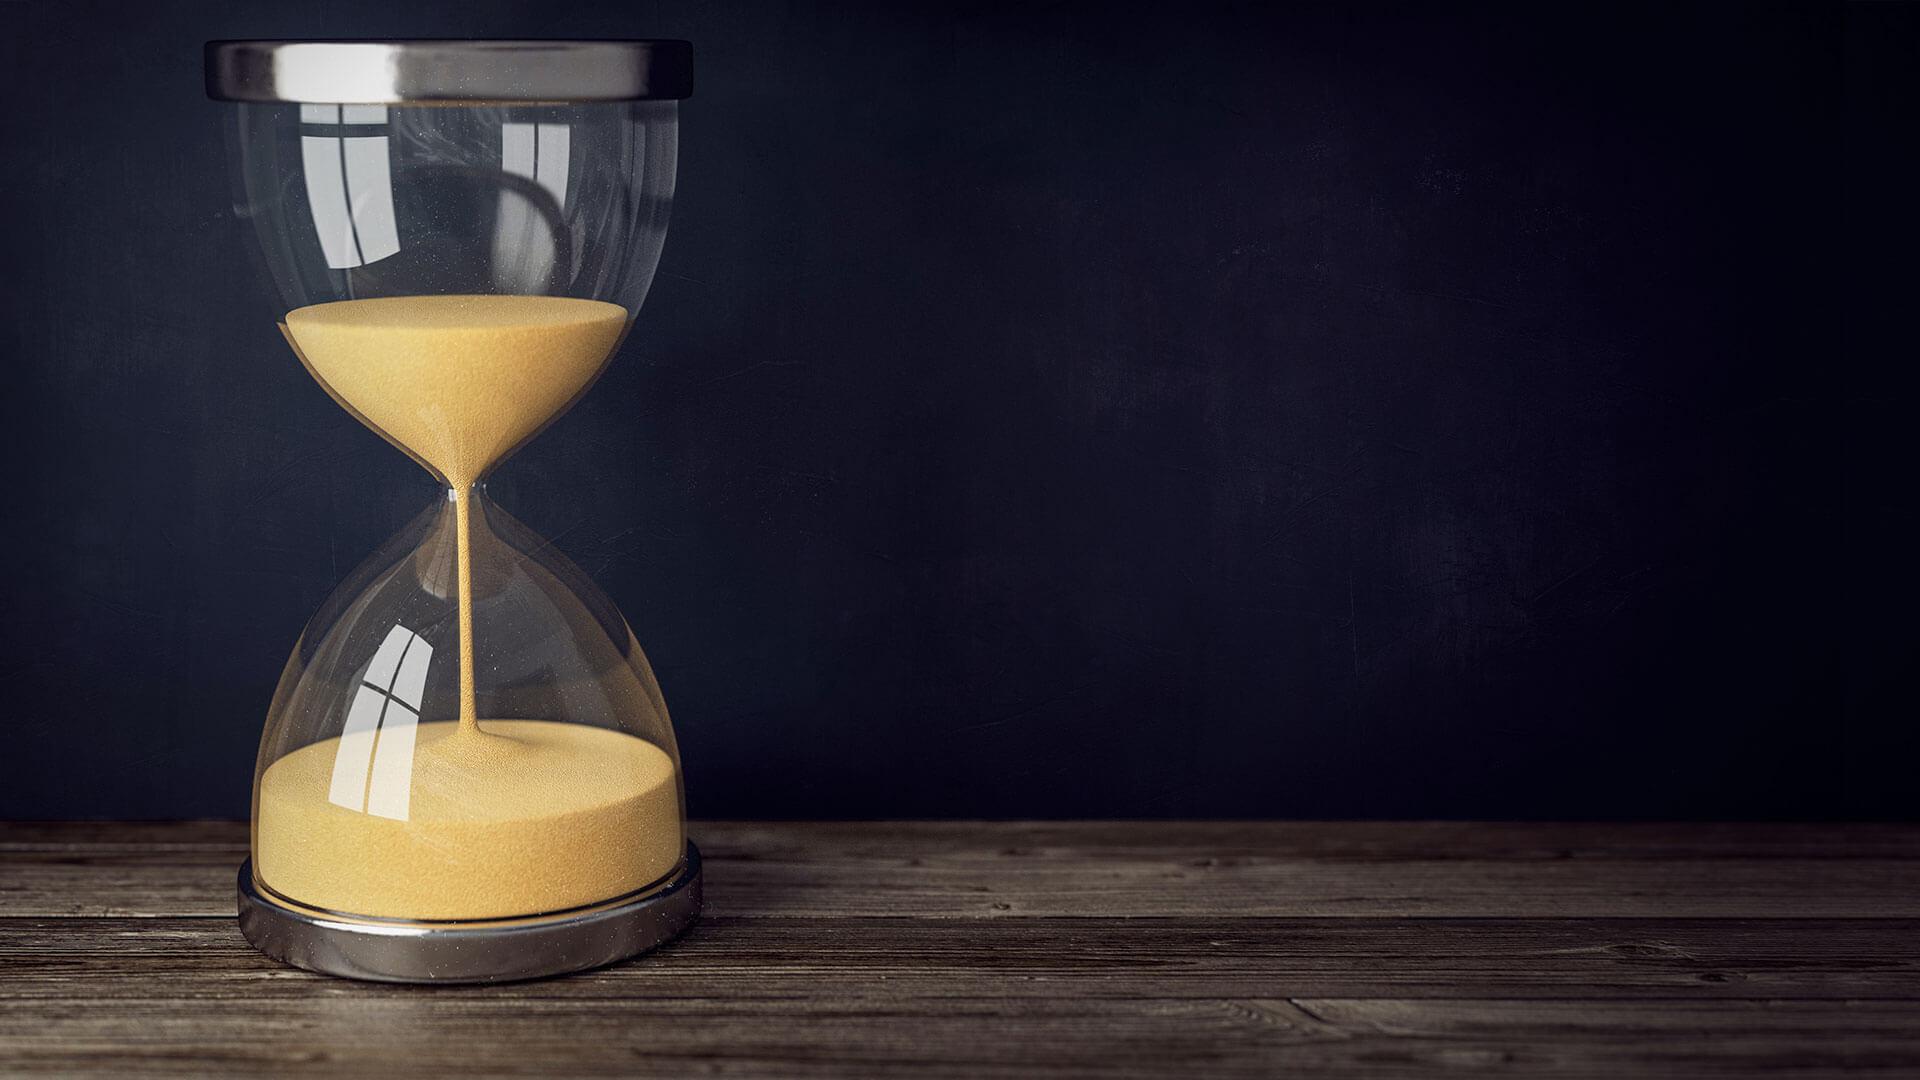 PSV News: Gäbe es die letzte Minute nicht